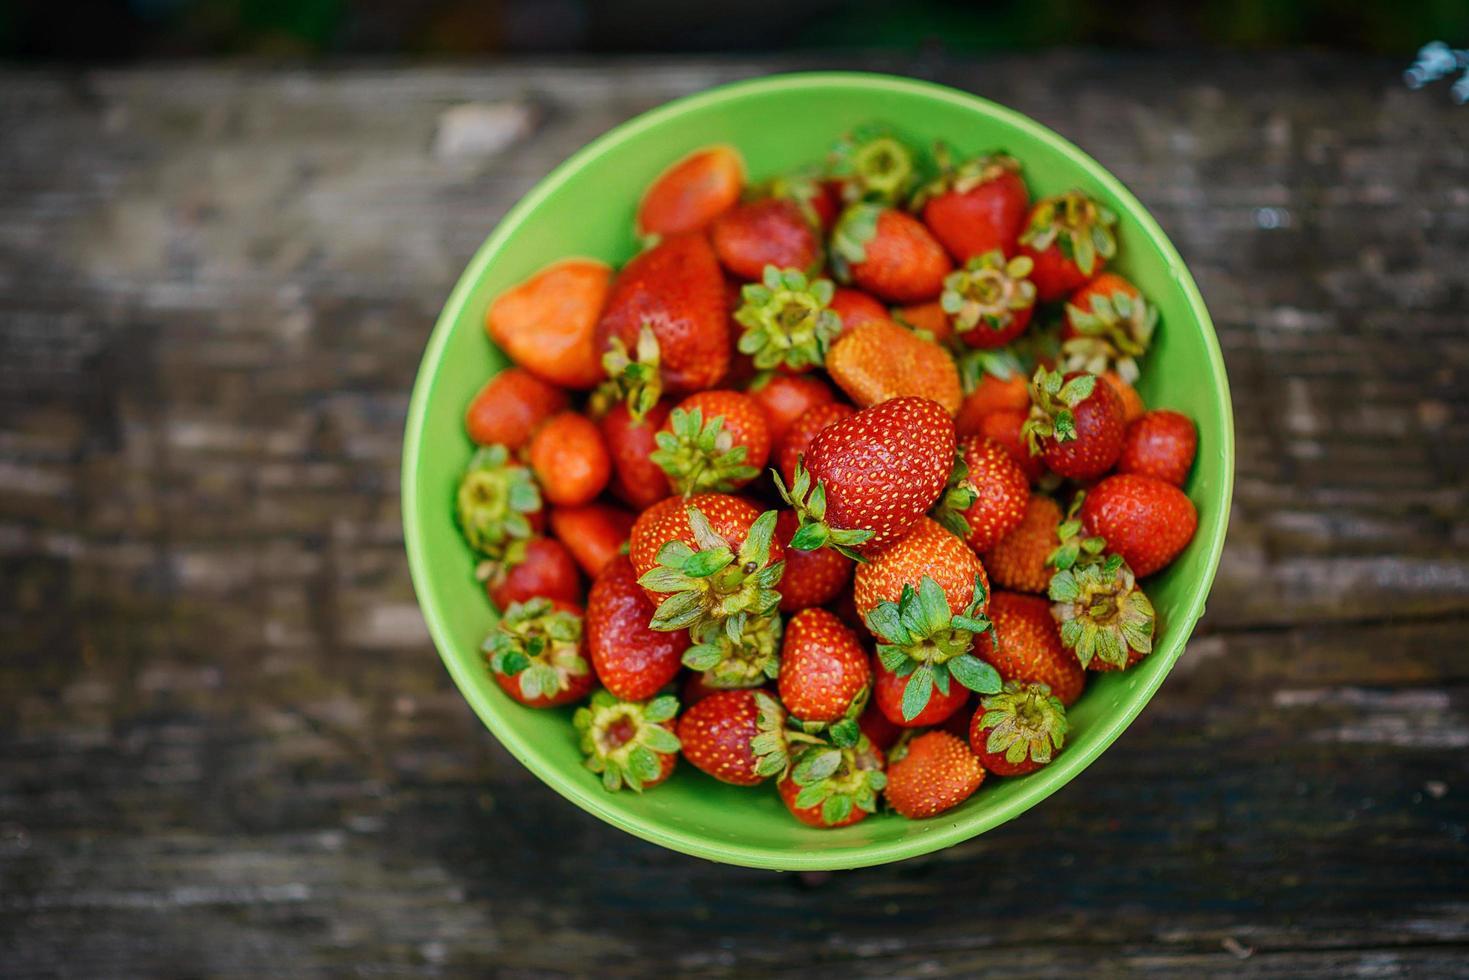 ljusa saftiga doftande mogna jordgubbar i en grön tallrik. foto